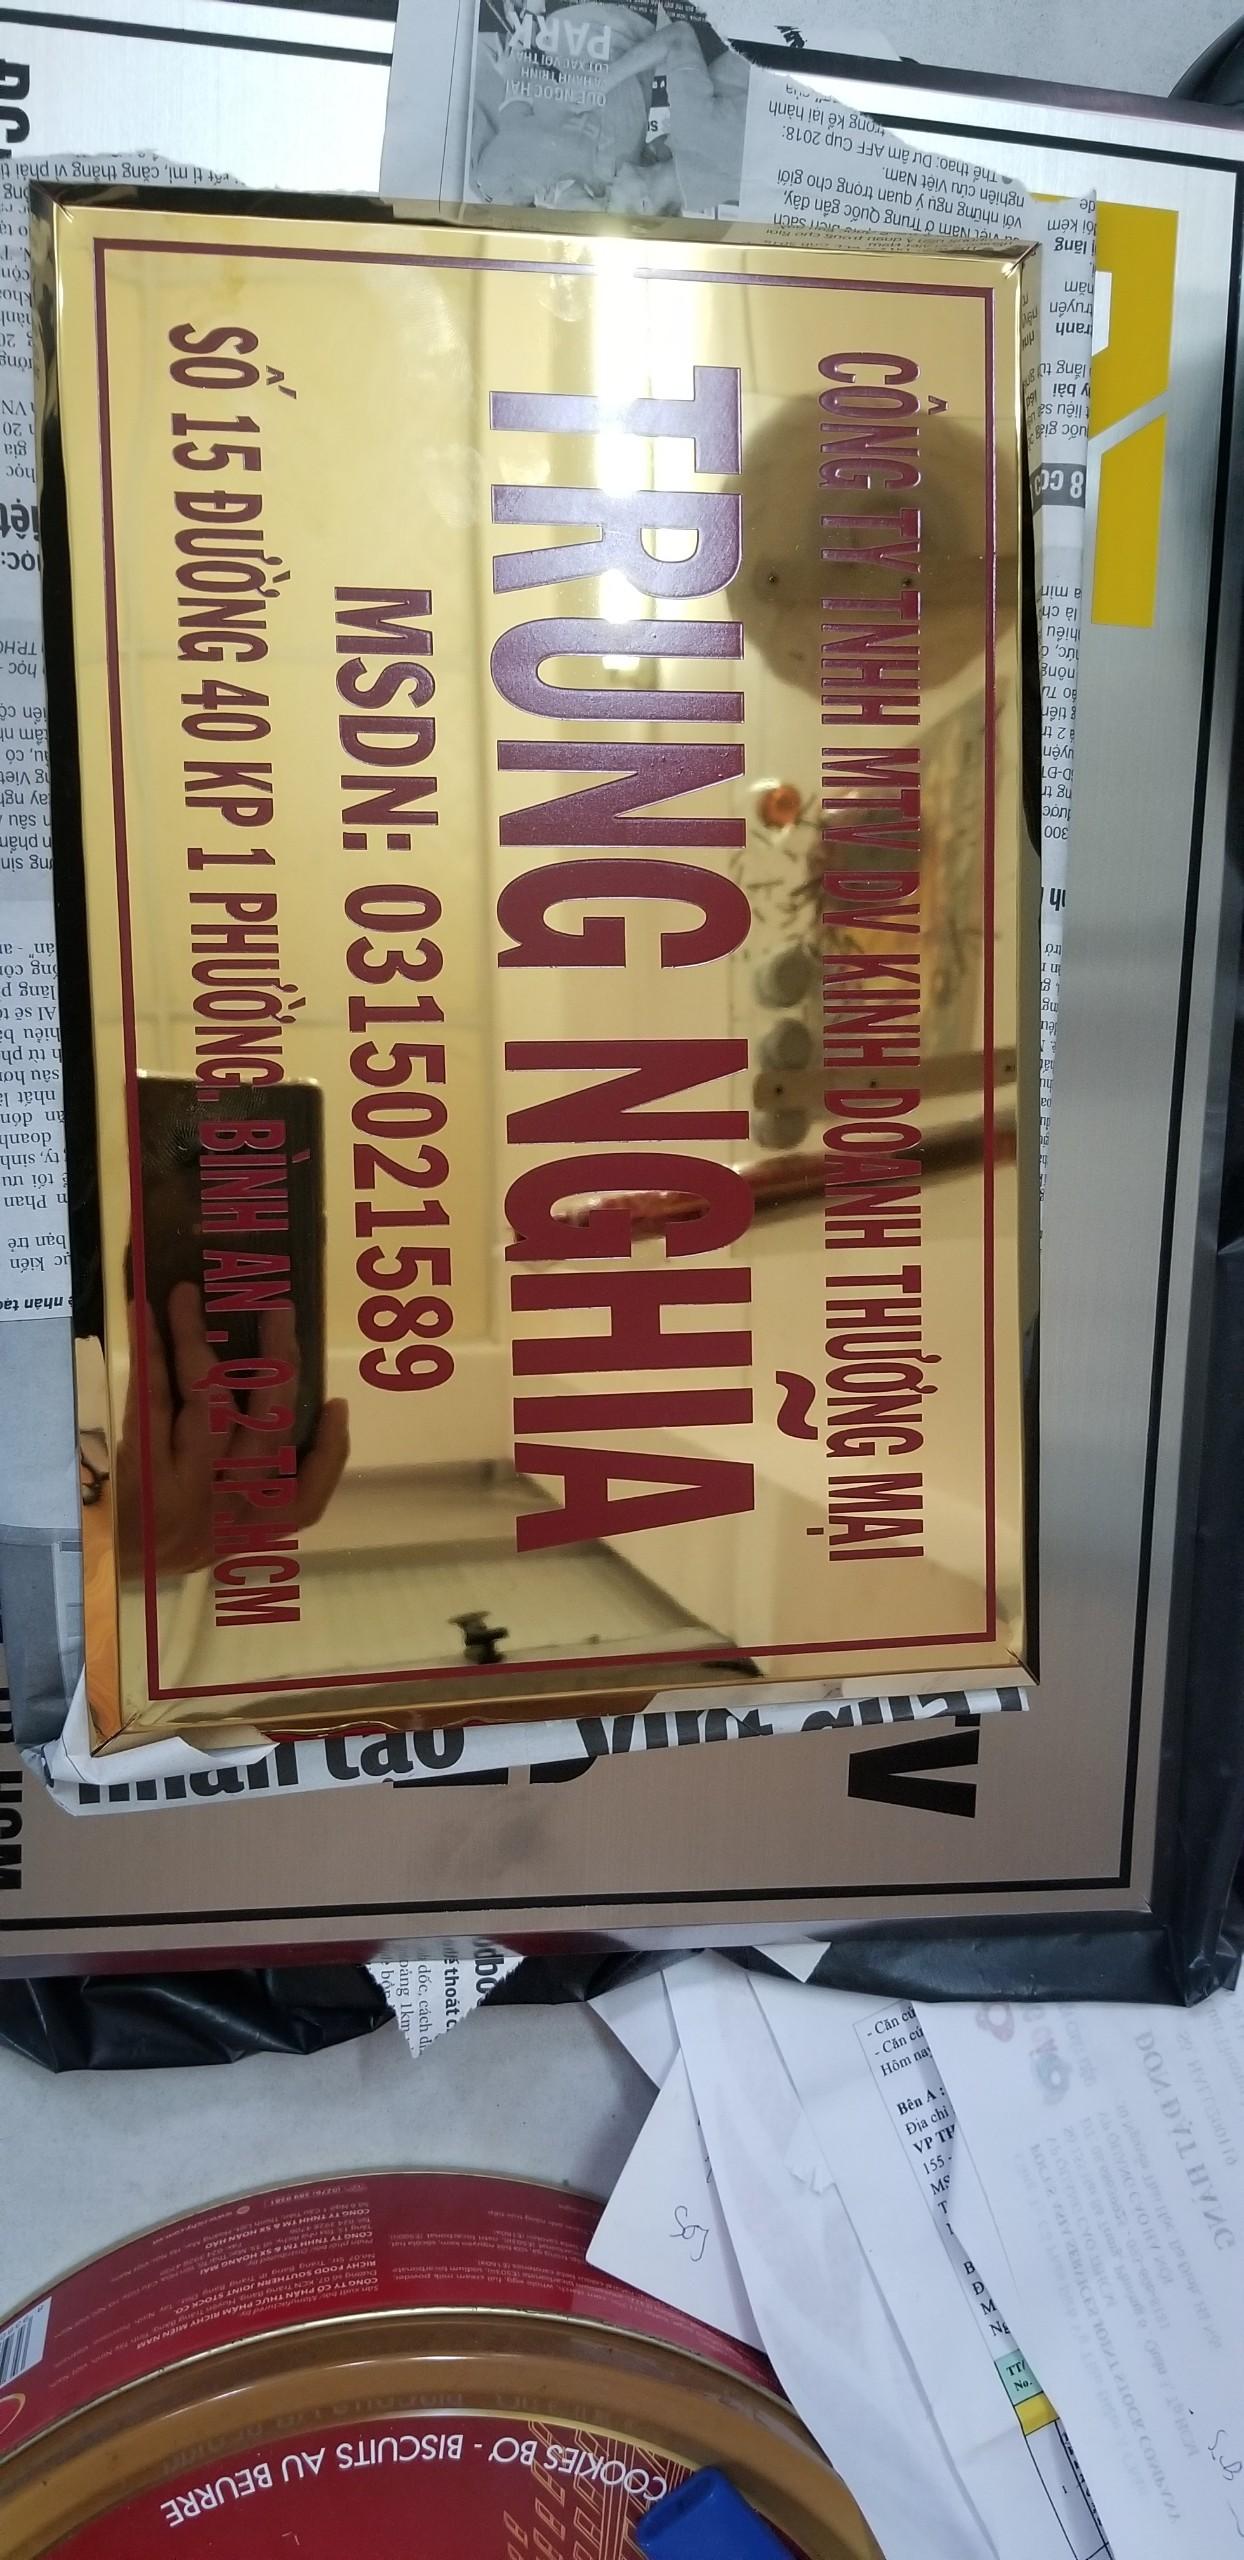 Thi công bảng hiệu inox ăn mòn giá hợp lý tại Quận 2